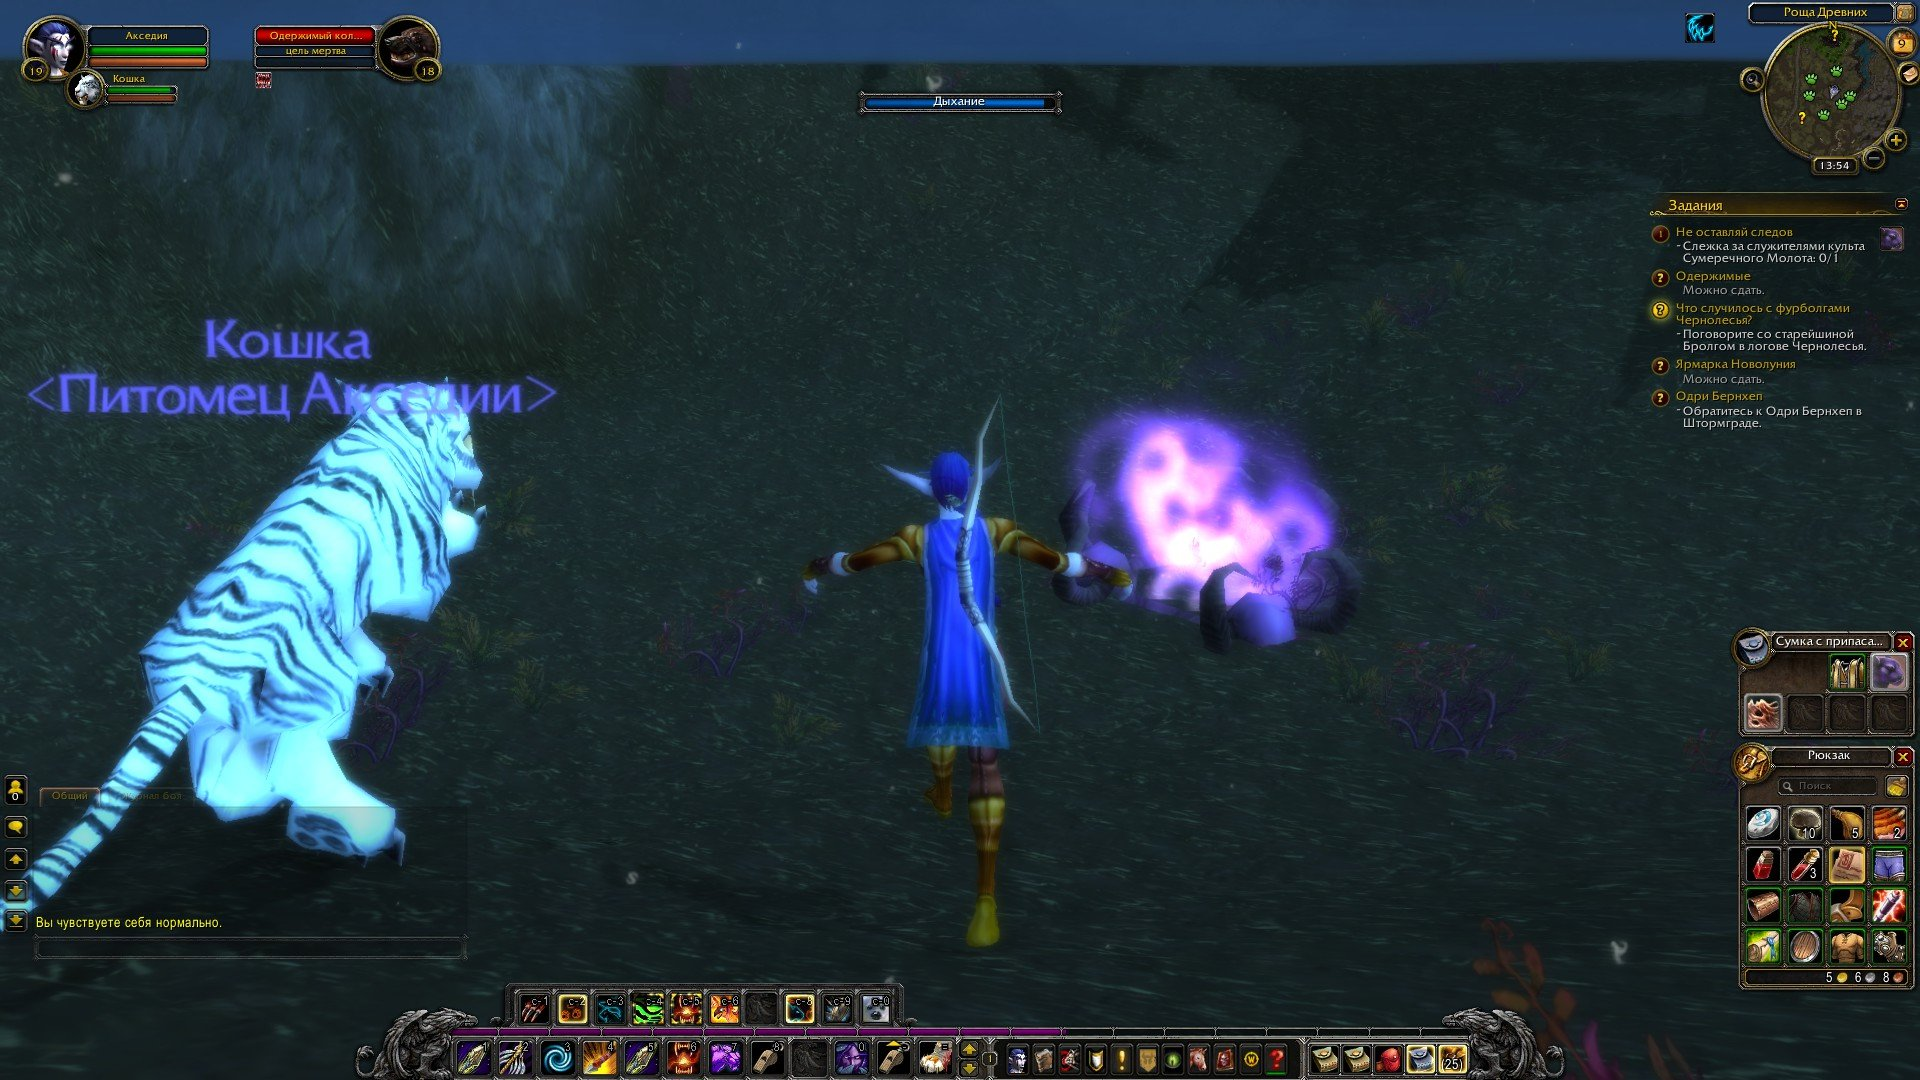 Путешествие по World of Warcraft ... Ночной Эльф. Глава 2. - Изображение 21